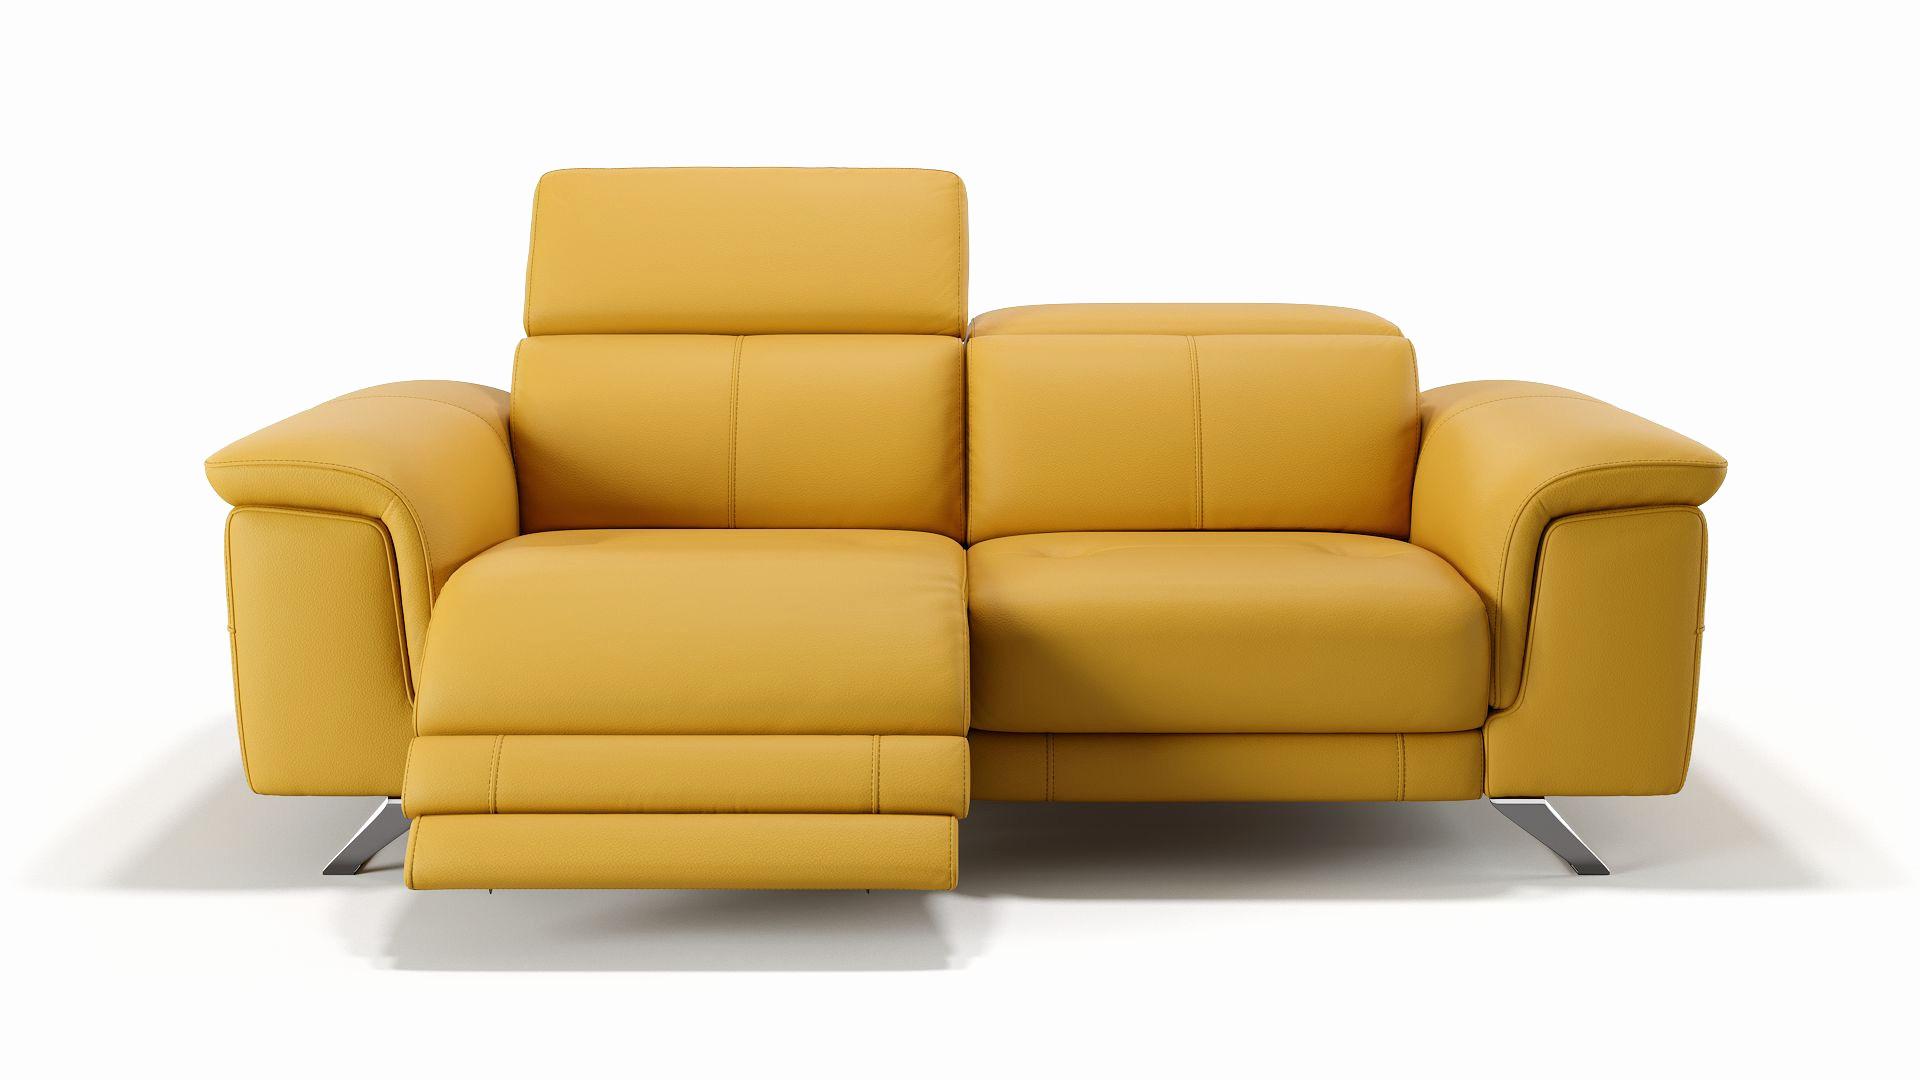 Sofa Reinigen  Velour Sofa Reinigen Microfaser Sofa Reinigen Velour Sofa